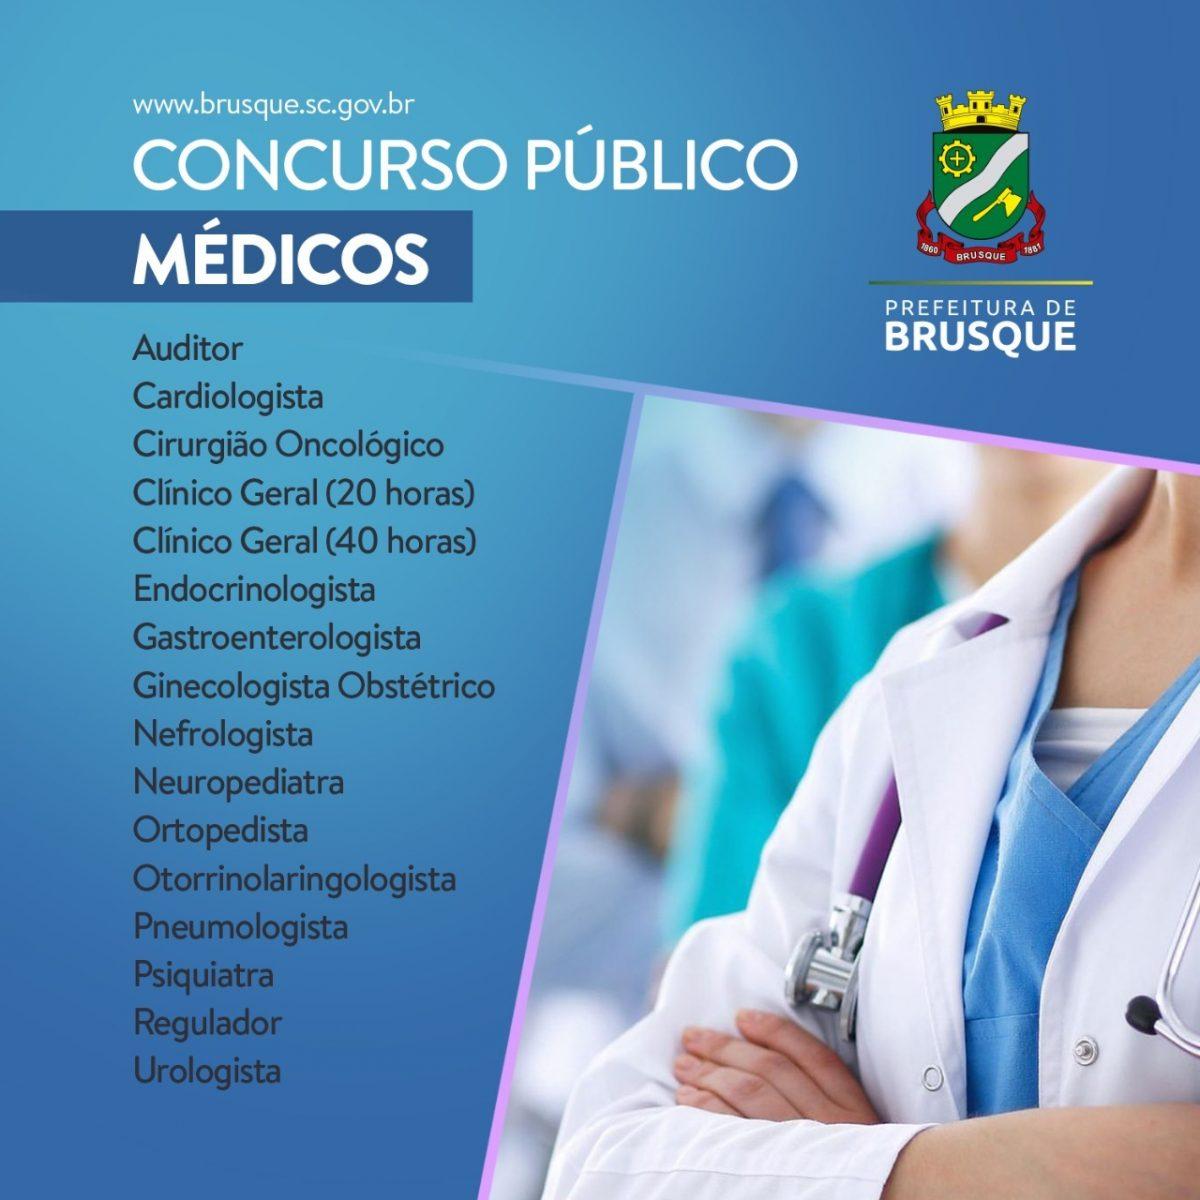 Prefeitura de Brusque abre concurso para médicos